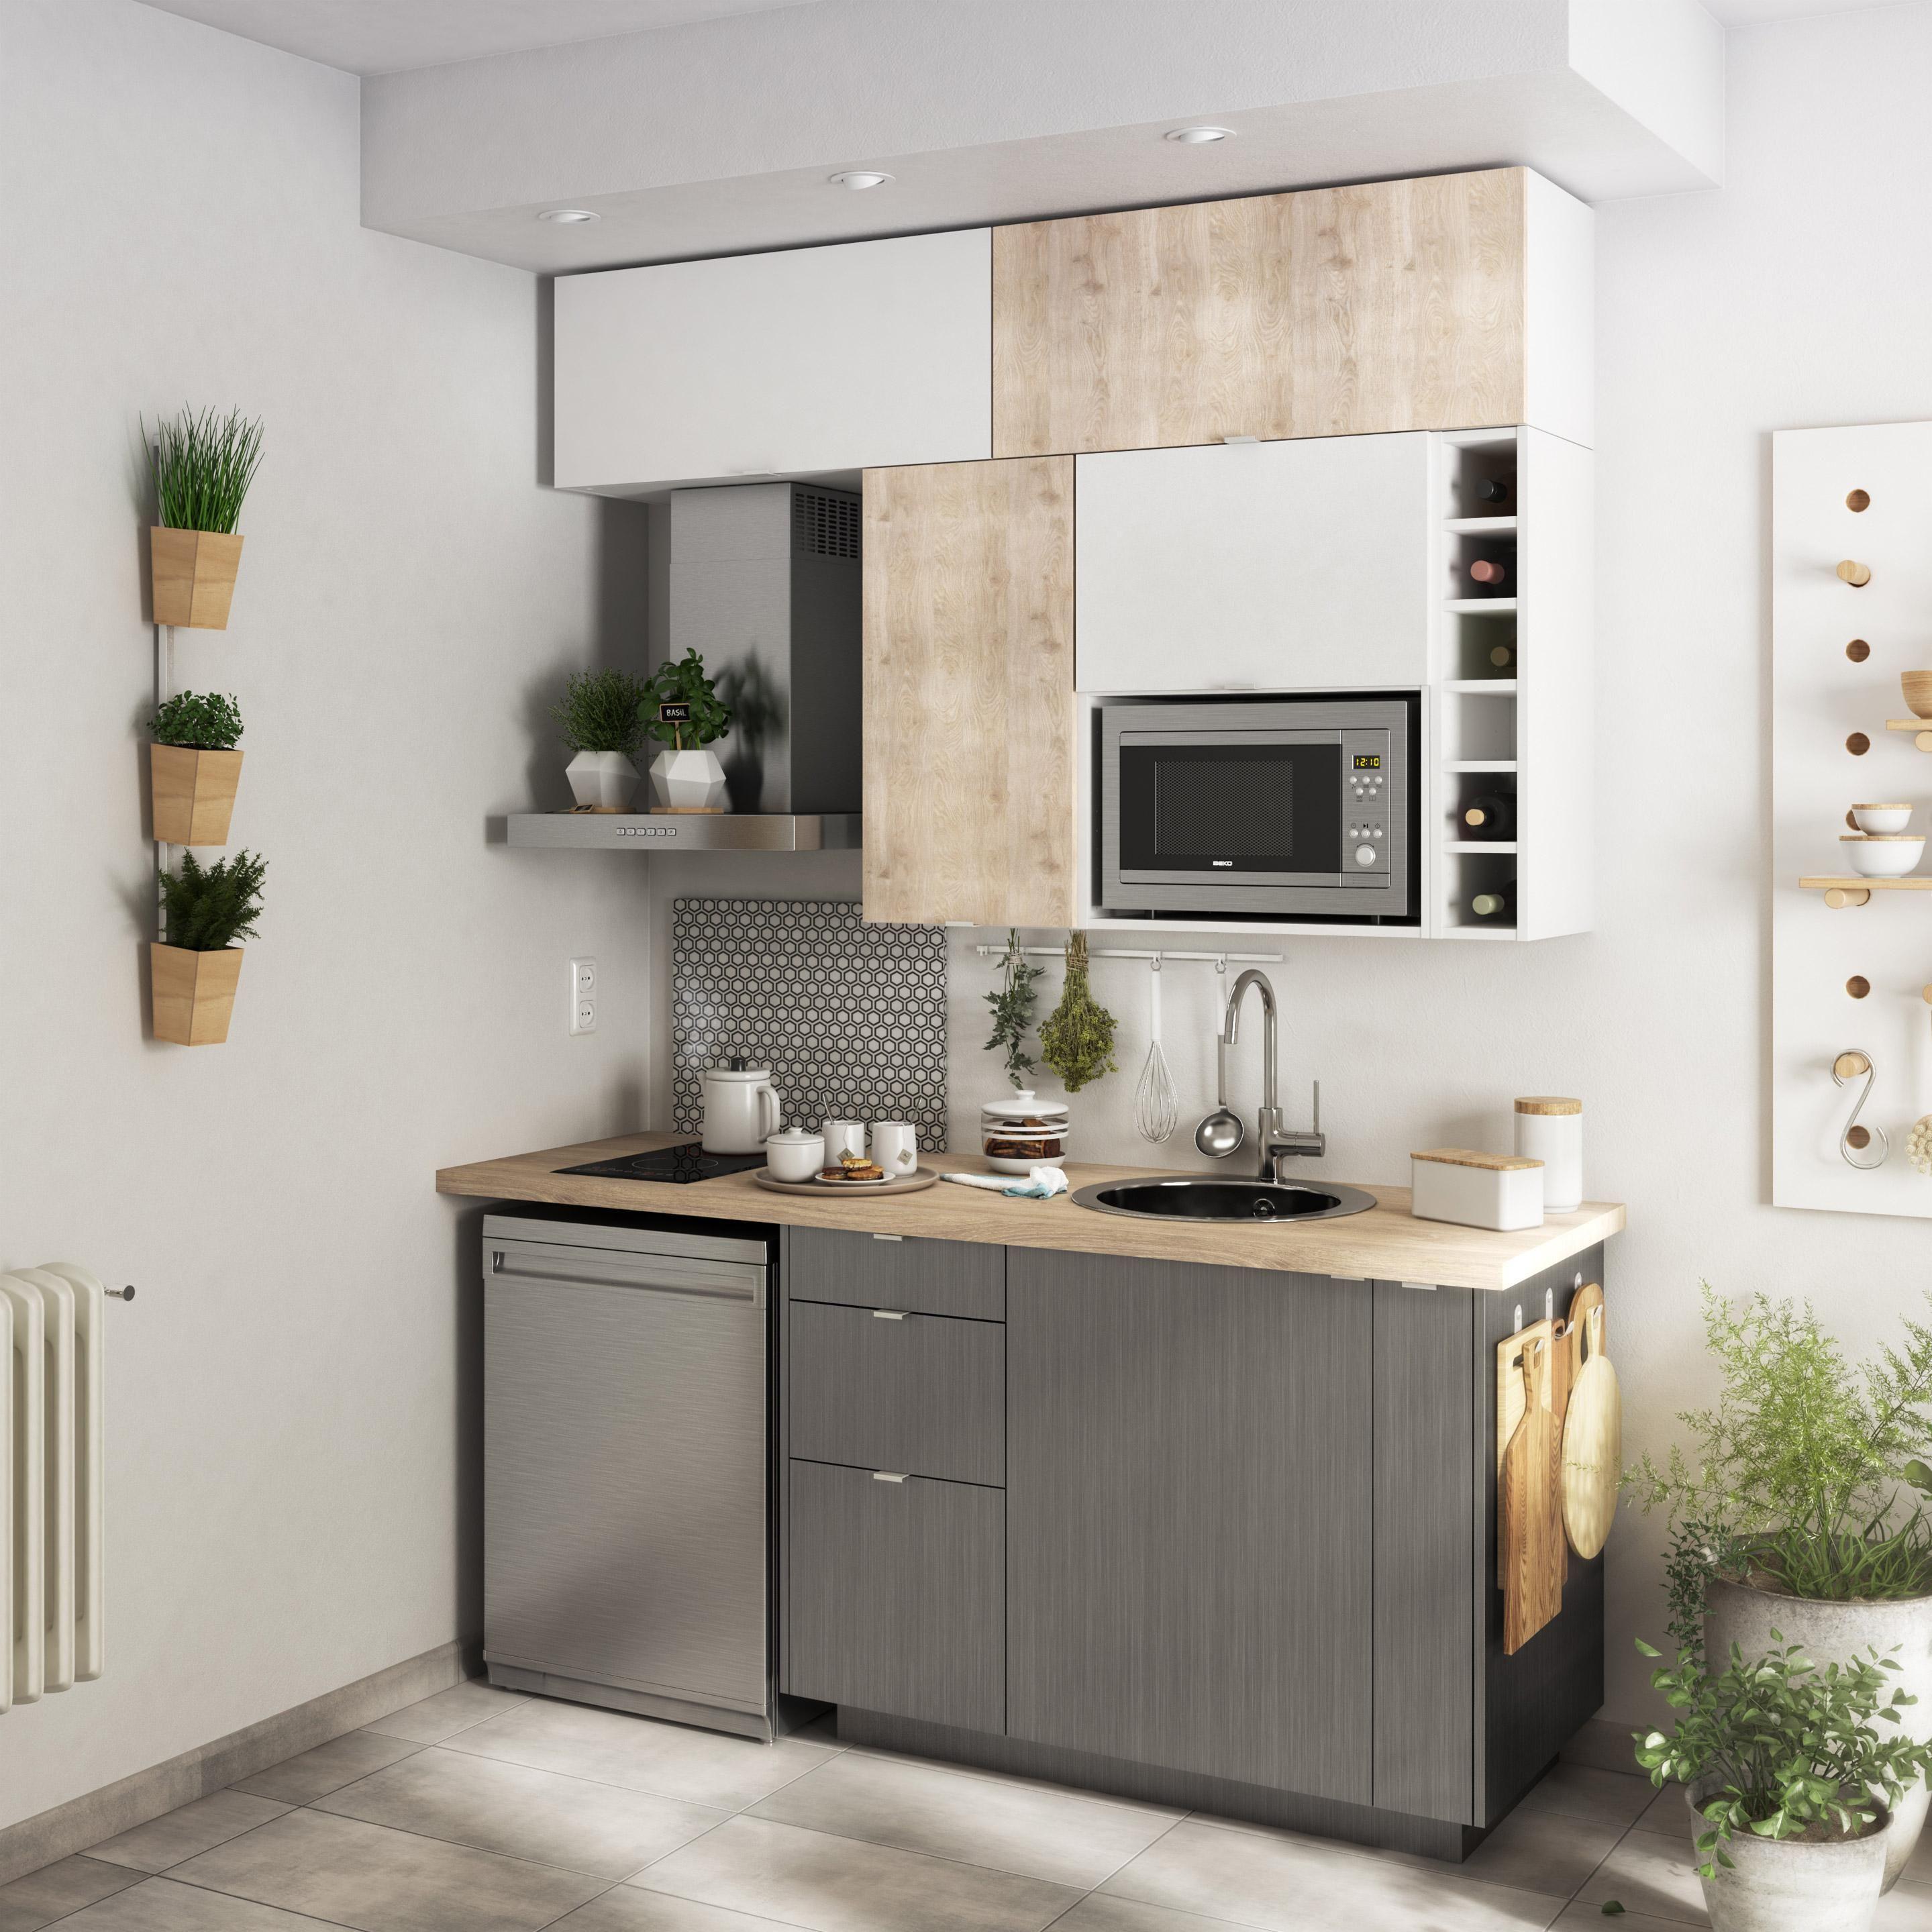 Cuisine Equipee Detroit Delinia Id En 2020 Cuisine Studio Cuisine Appartement Et Amenagement Petite Cuisine